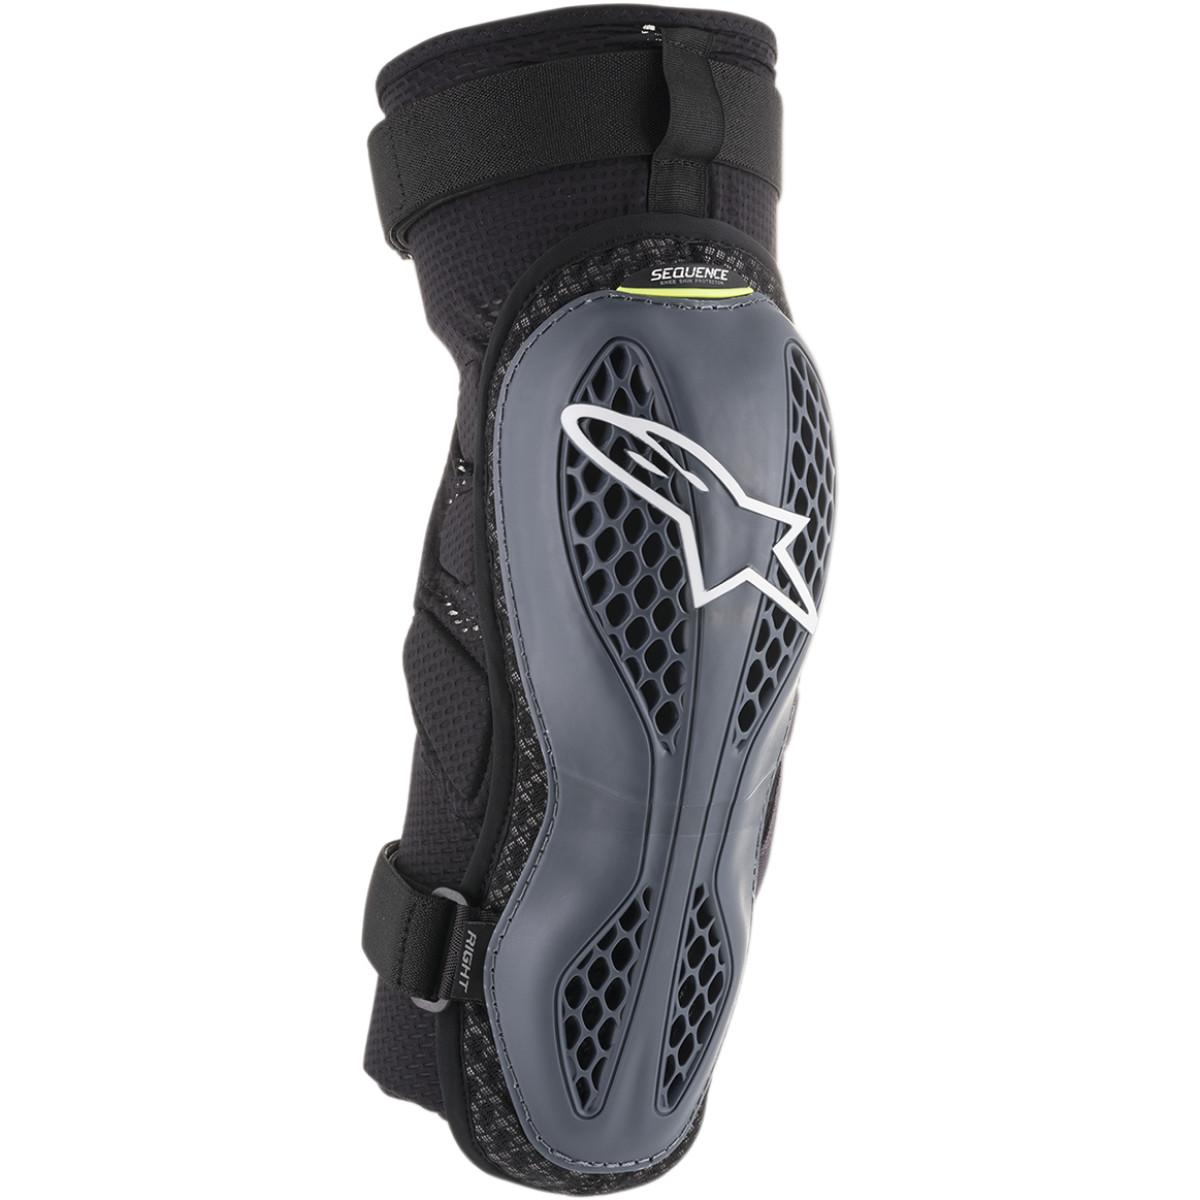 ALPINESTARS Sequence Motocross Knie Protektoren grau gelb schwarz